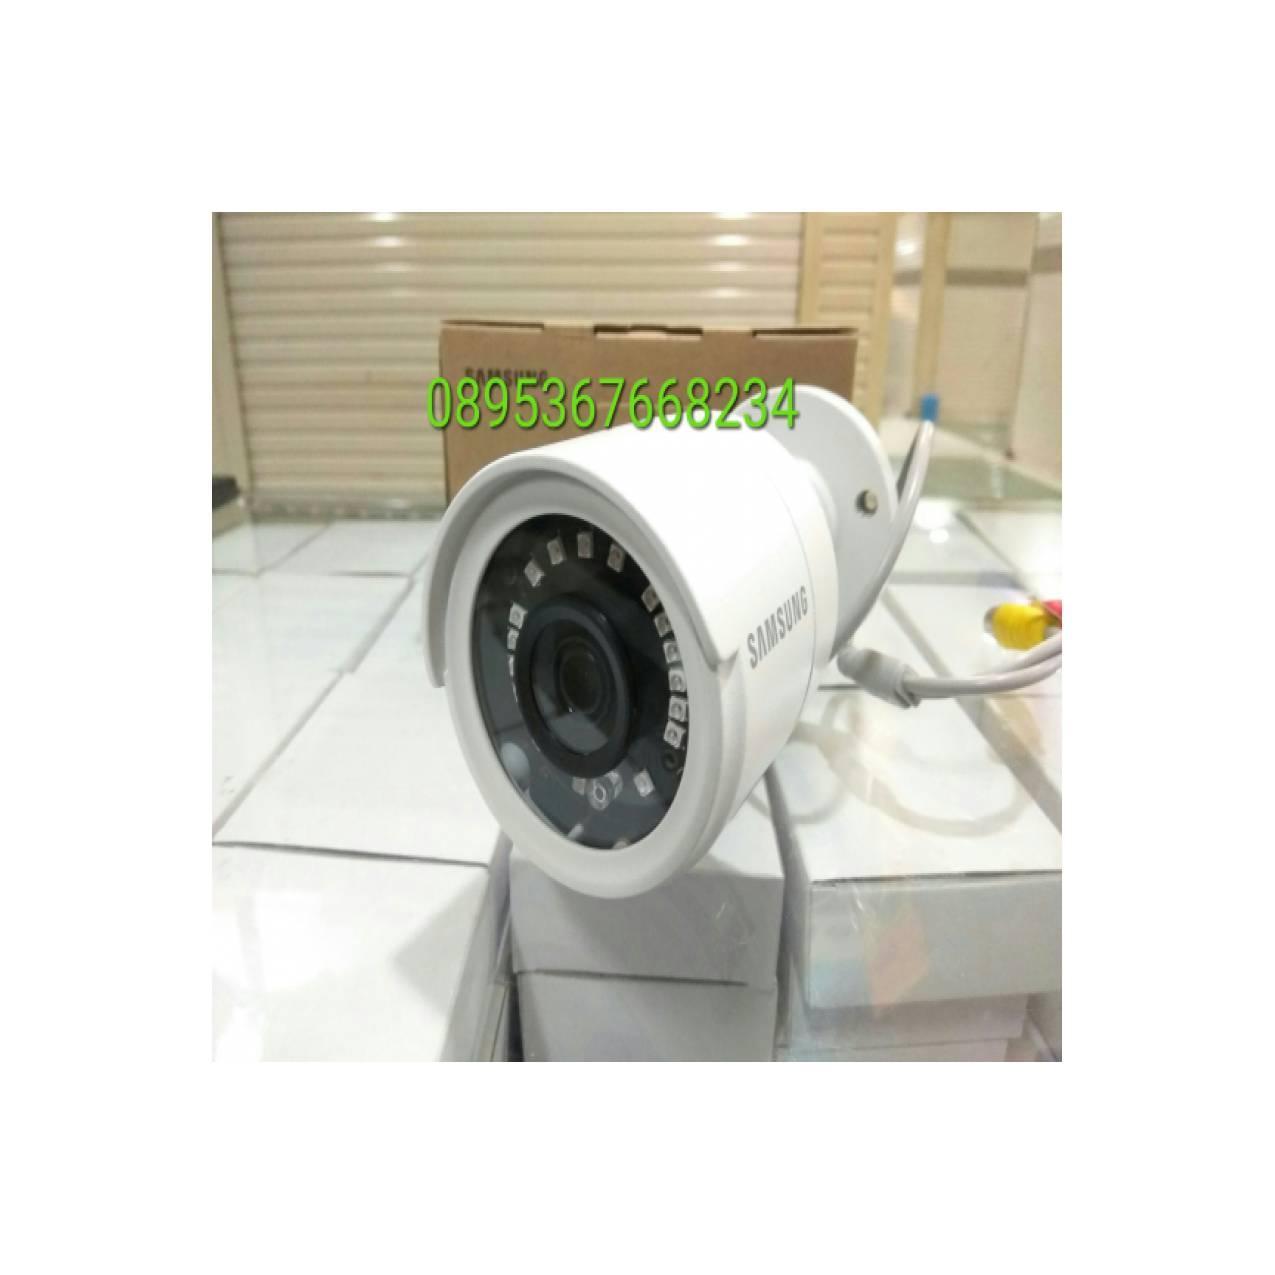 Kamera CCTV Outdoor Samsung AHD Outdoor 2MP HCO-E6020RP